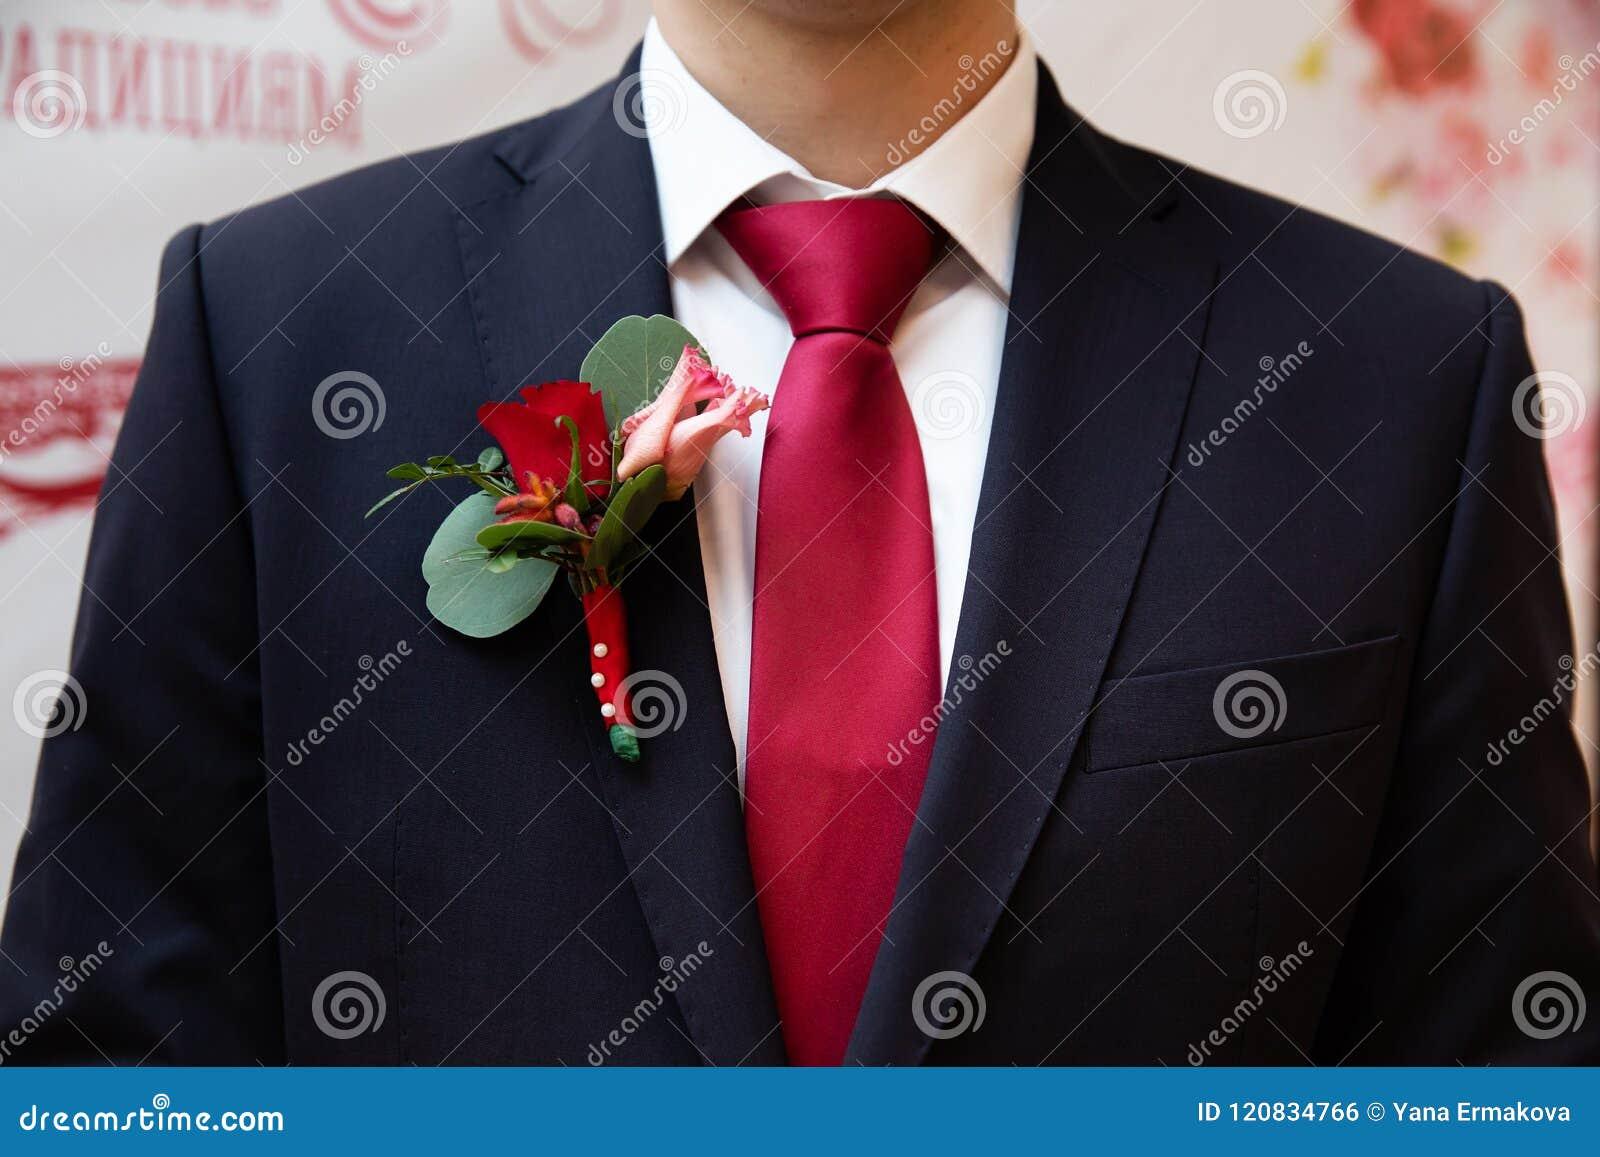 Boutonniere de la boda con la rosa del rojo en el traje del novio 05a86ed0d1a